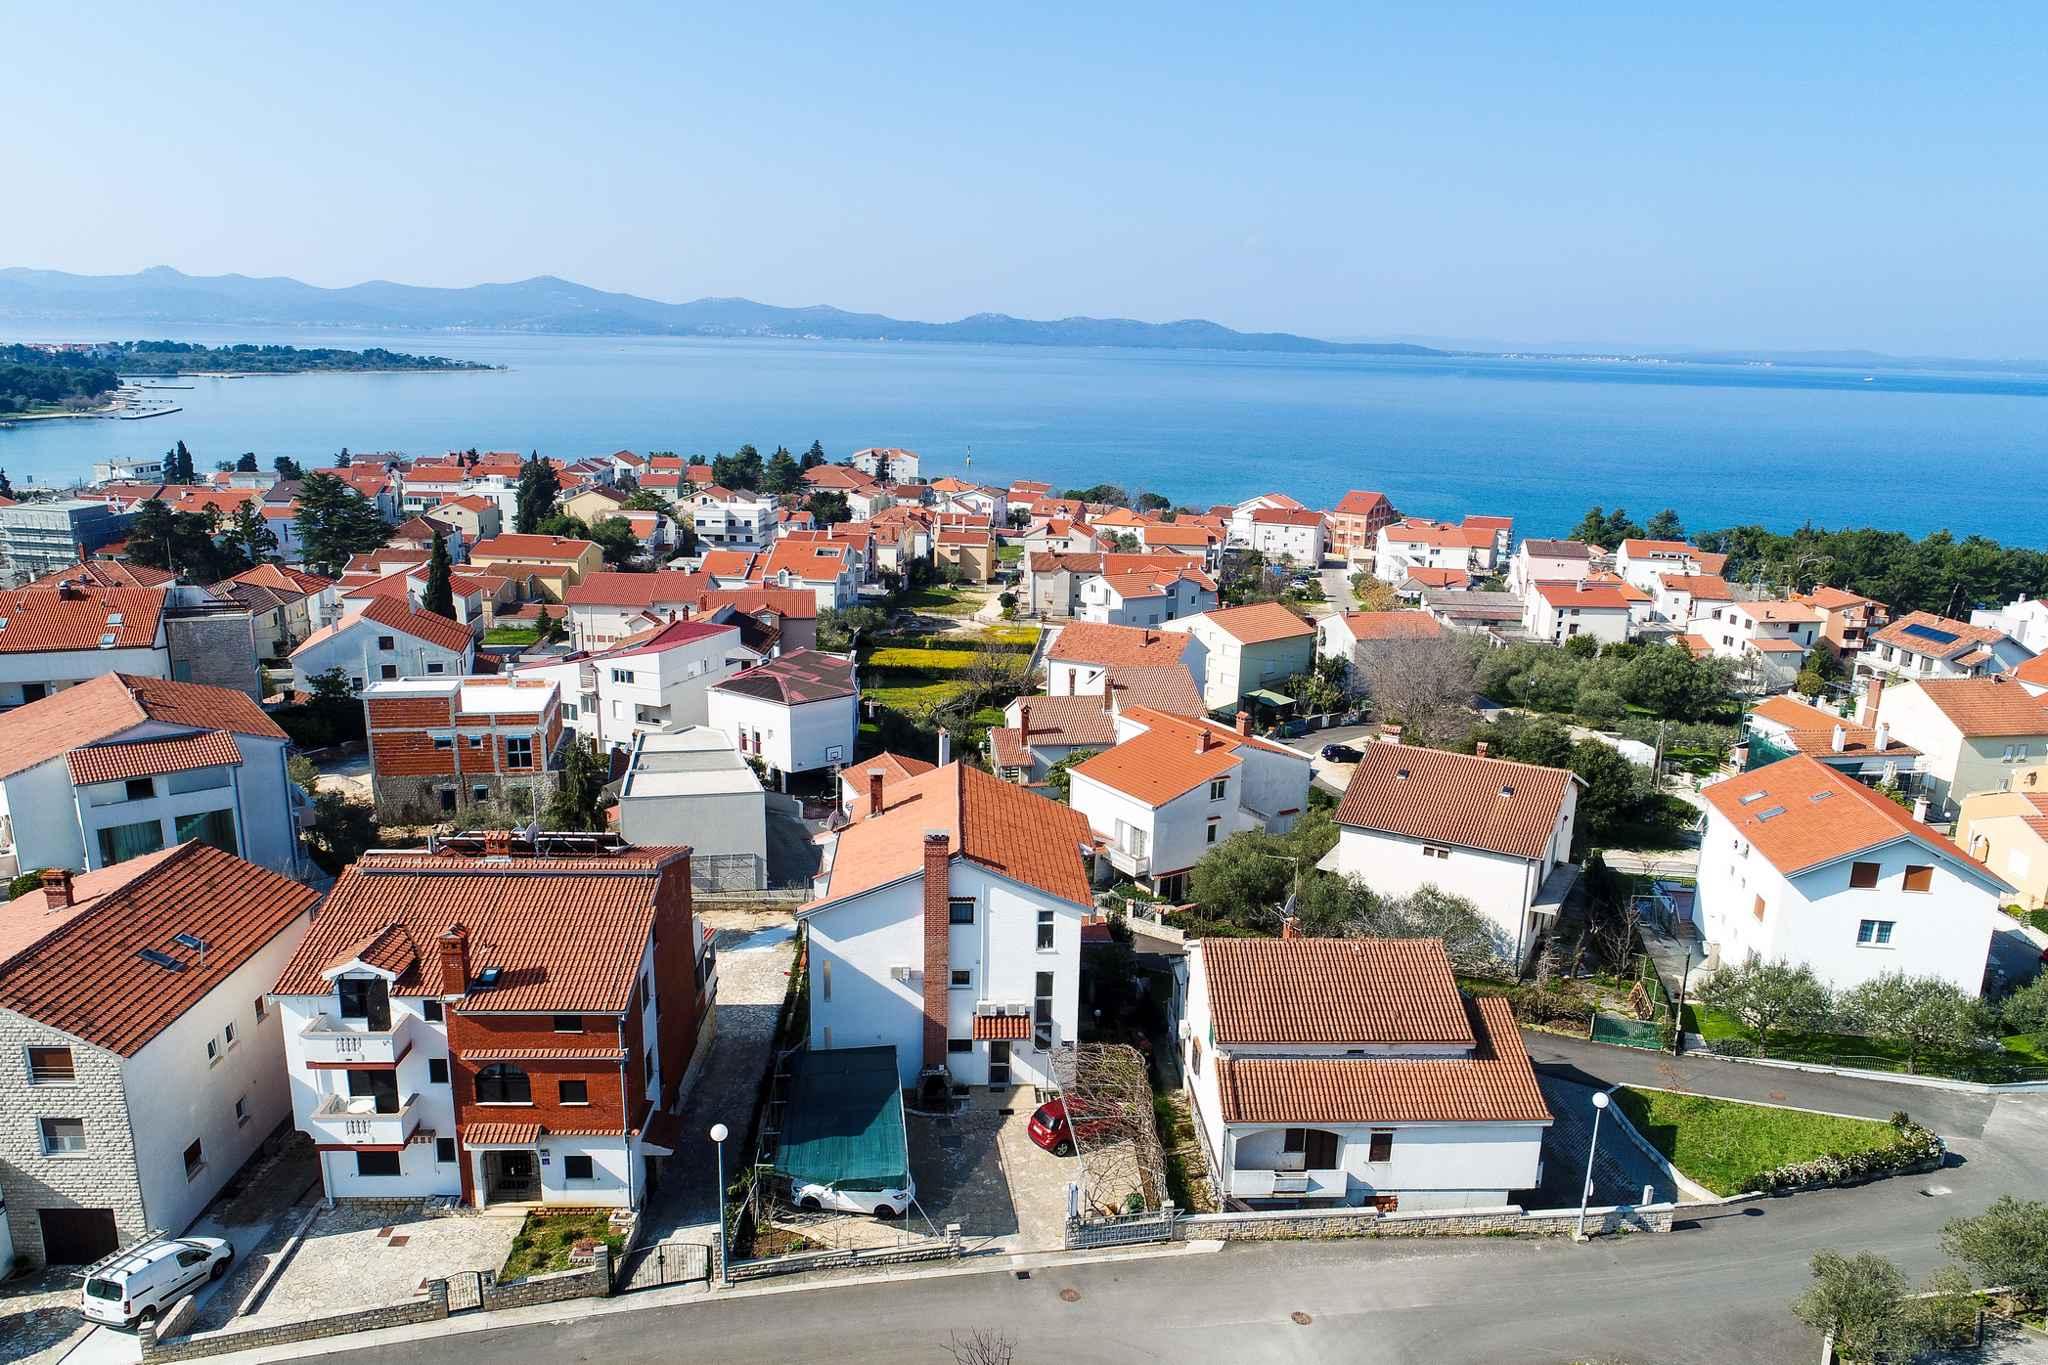 Ferienwohnung mit 4 Bäder nur 250 m von der Adria (278909), Zadar, , Dalmatien, Kroatien, Bild 4